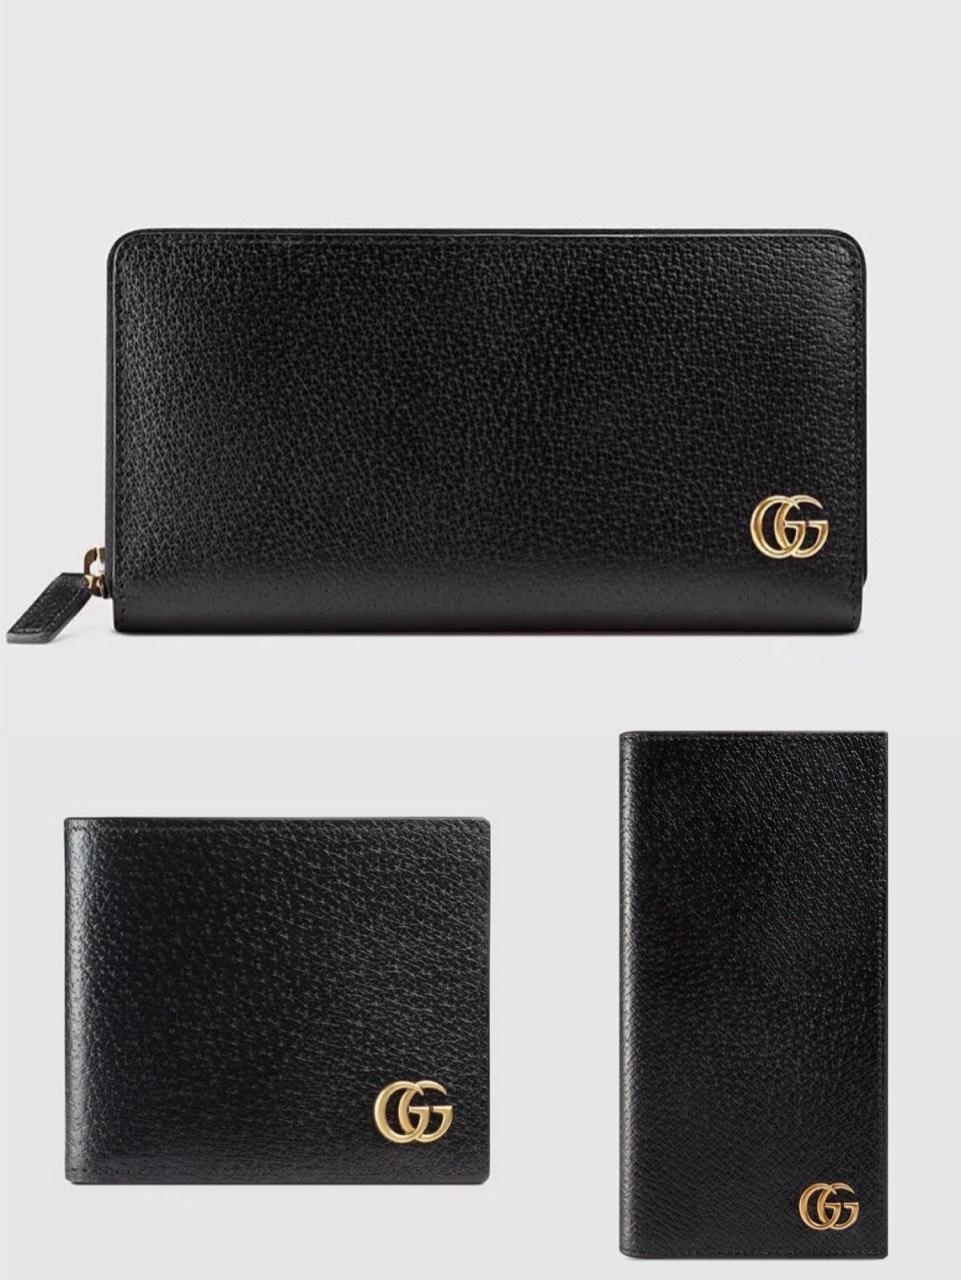 Ví nam Gucci siêu cấp bỏ túi họa tiết chữ G VNG89